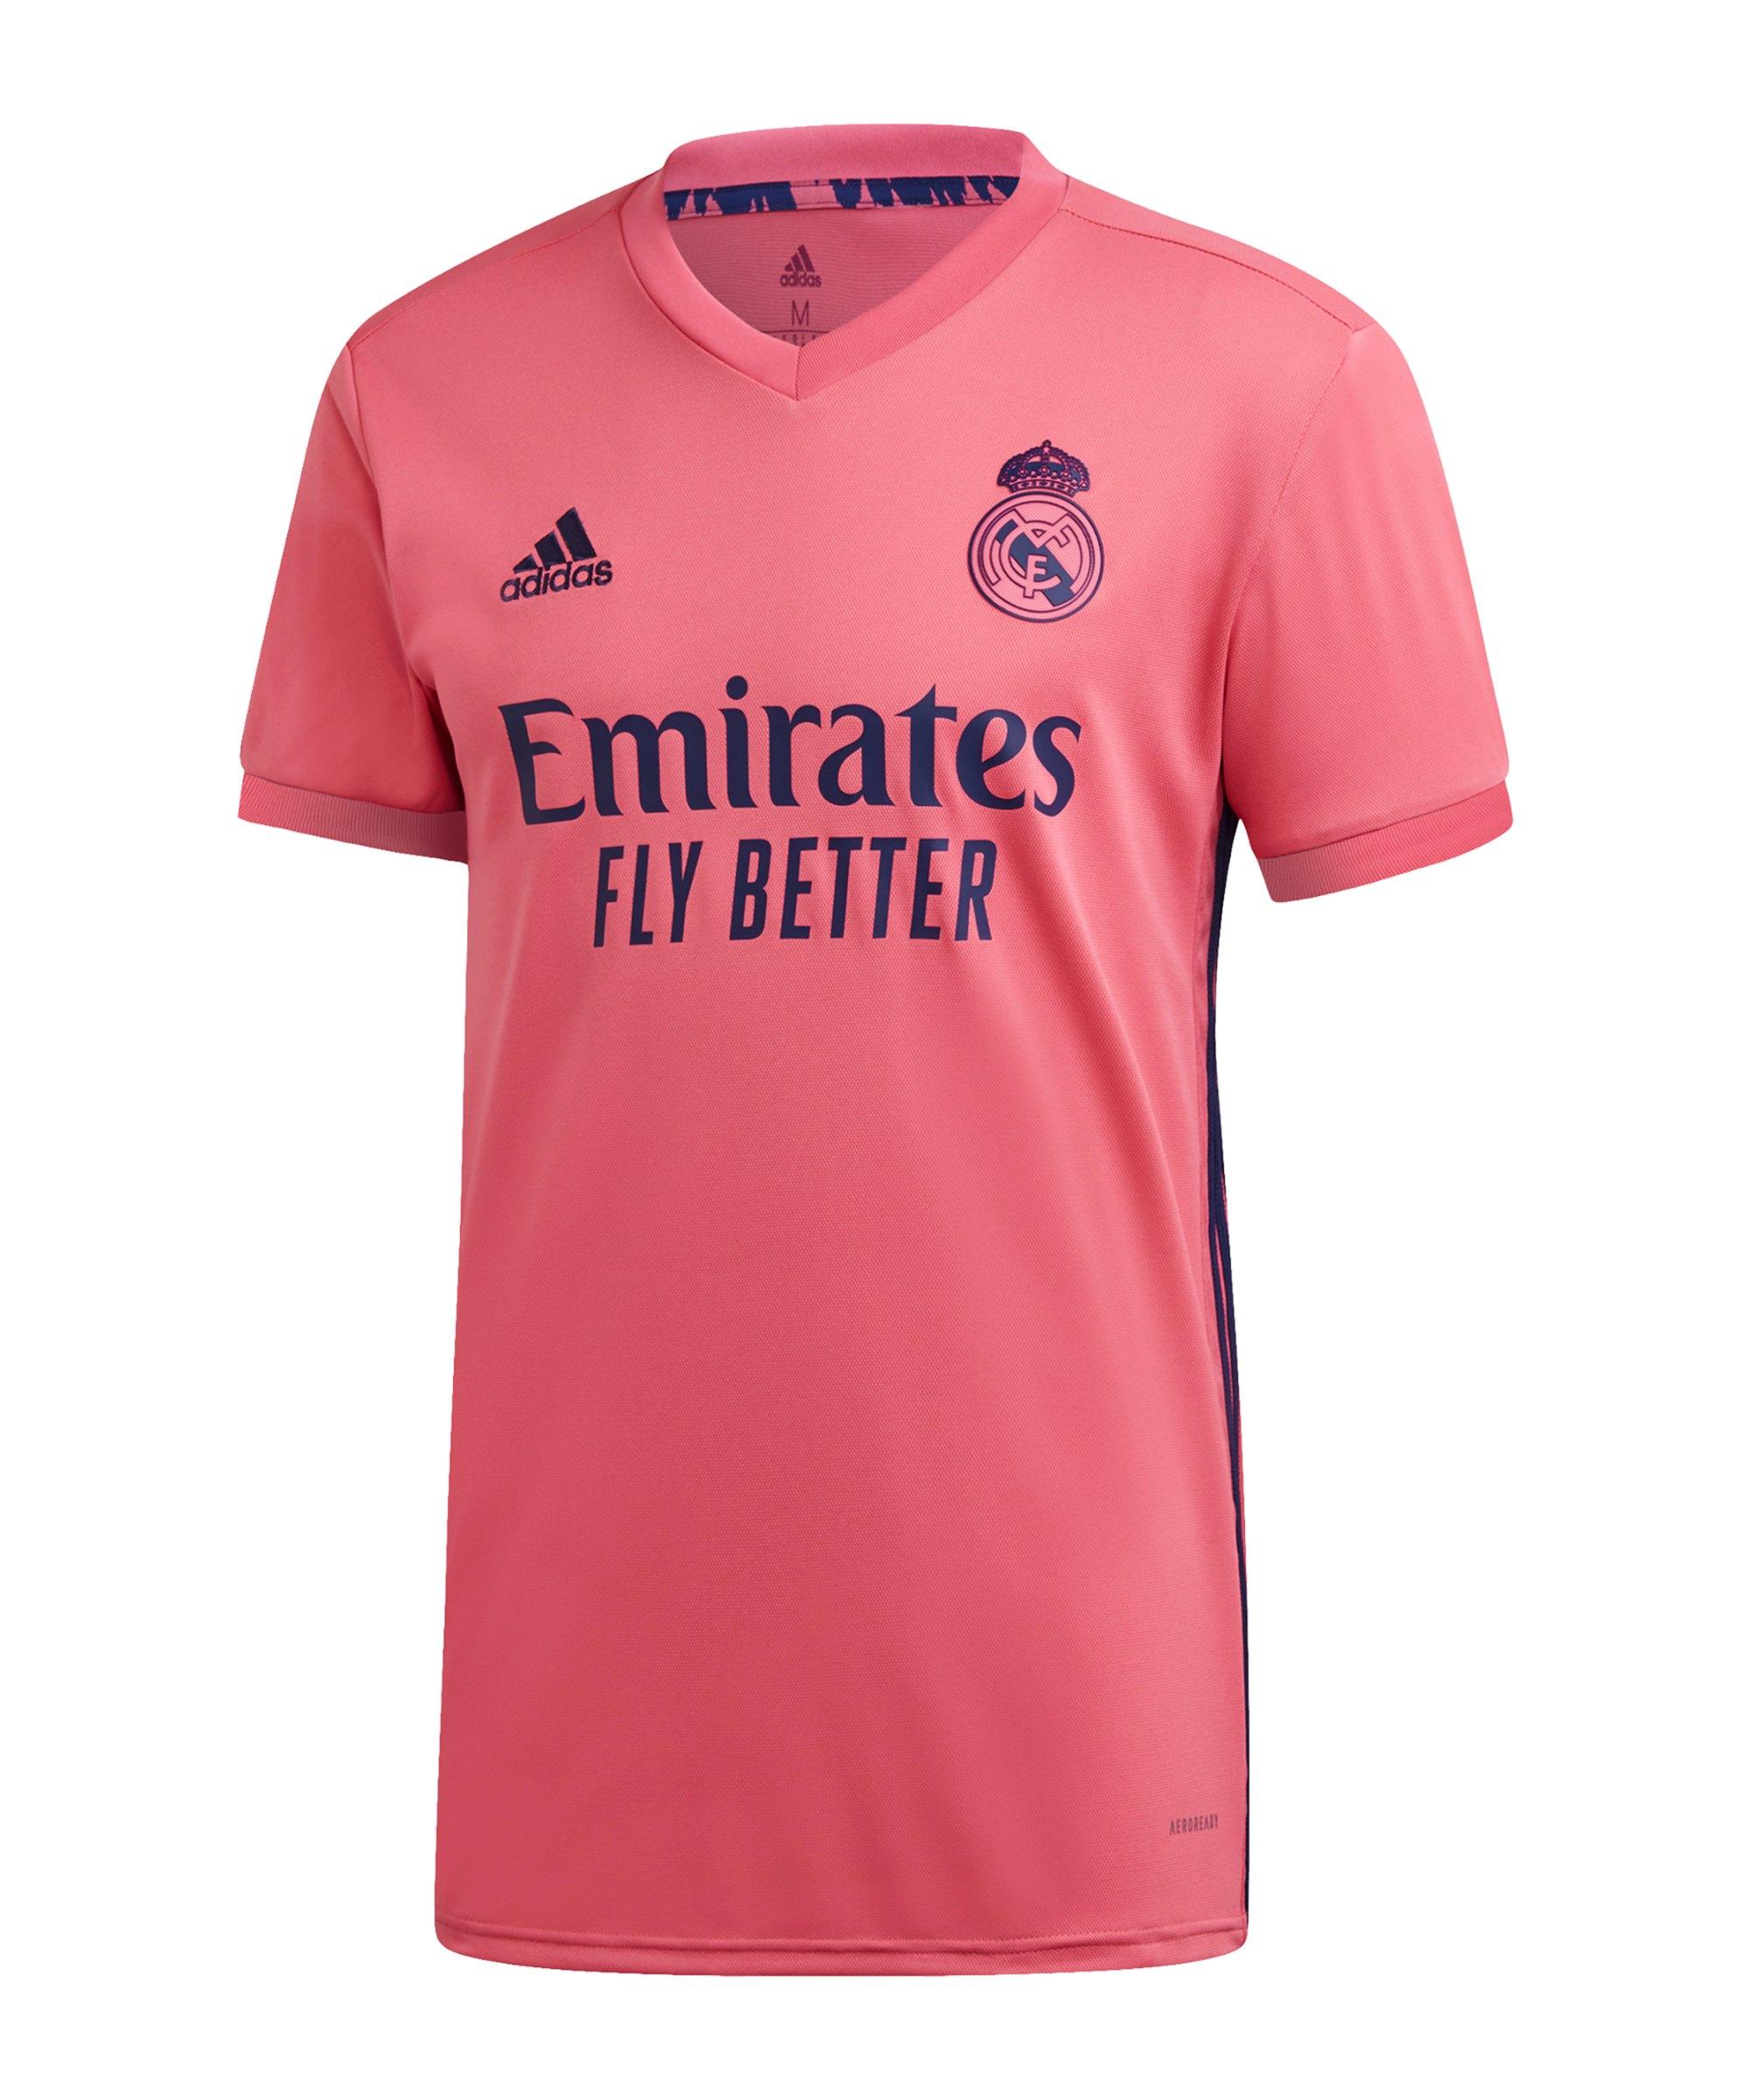 adidas Real Madrid Trikot Away 2020/2021 Kids Pink - pink